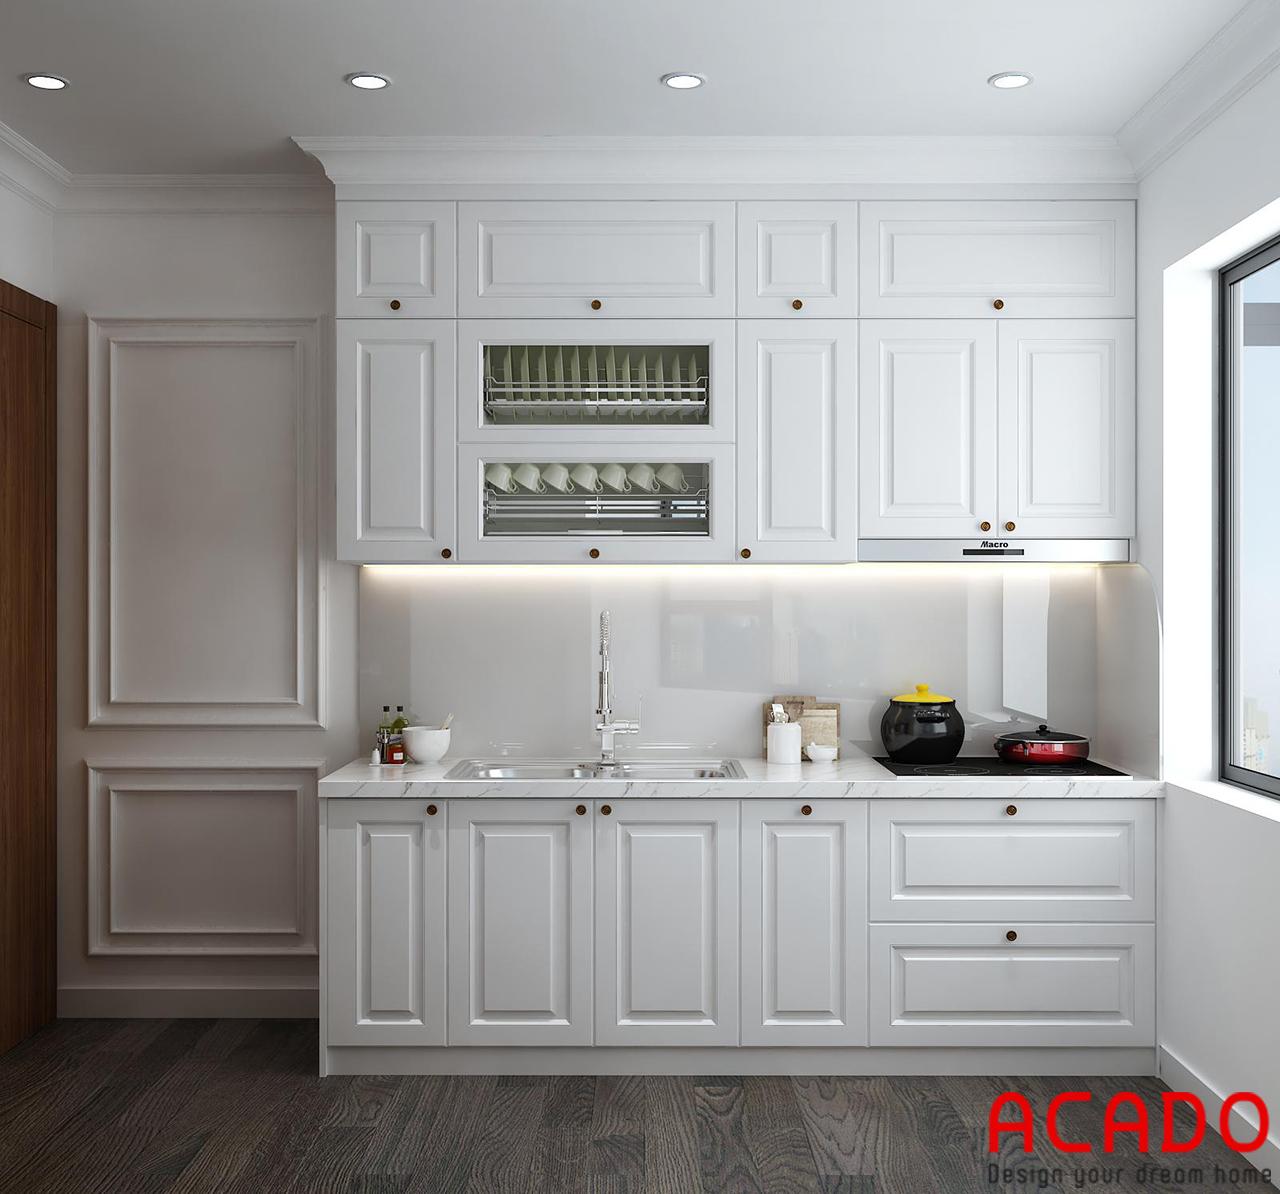 Tủ bếp gỗ sồi Nga sơn bệt màu trắng trẻ trung, hiện đại . Có nên sử dụng tủ bếp sơn bệt không ?